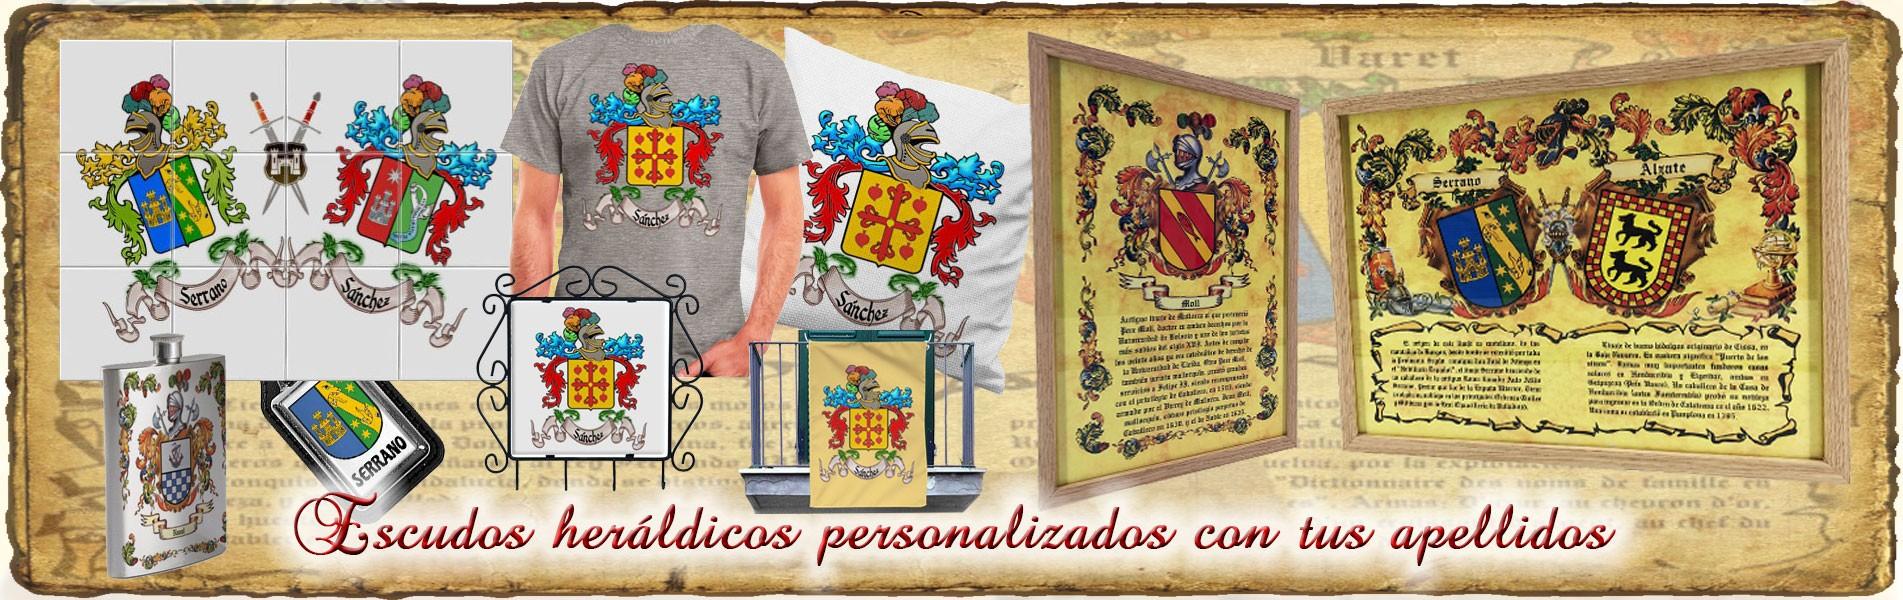 Escudos Heráldicos personalizados con tus apellidos